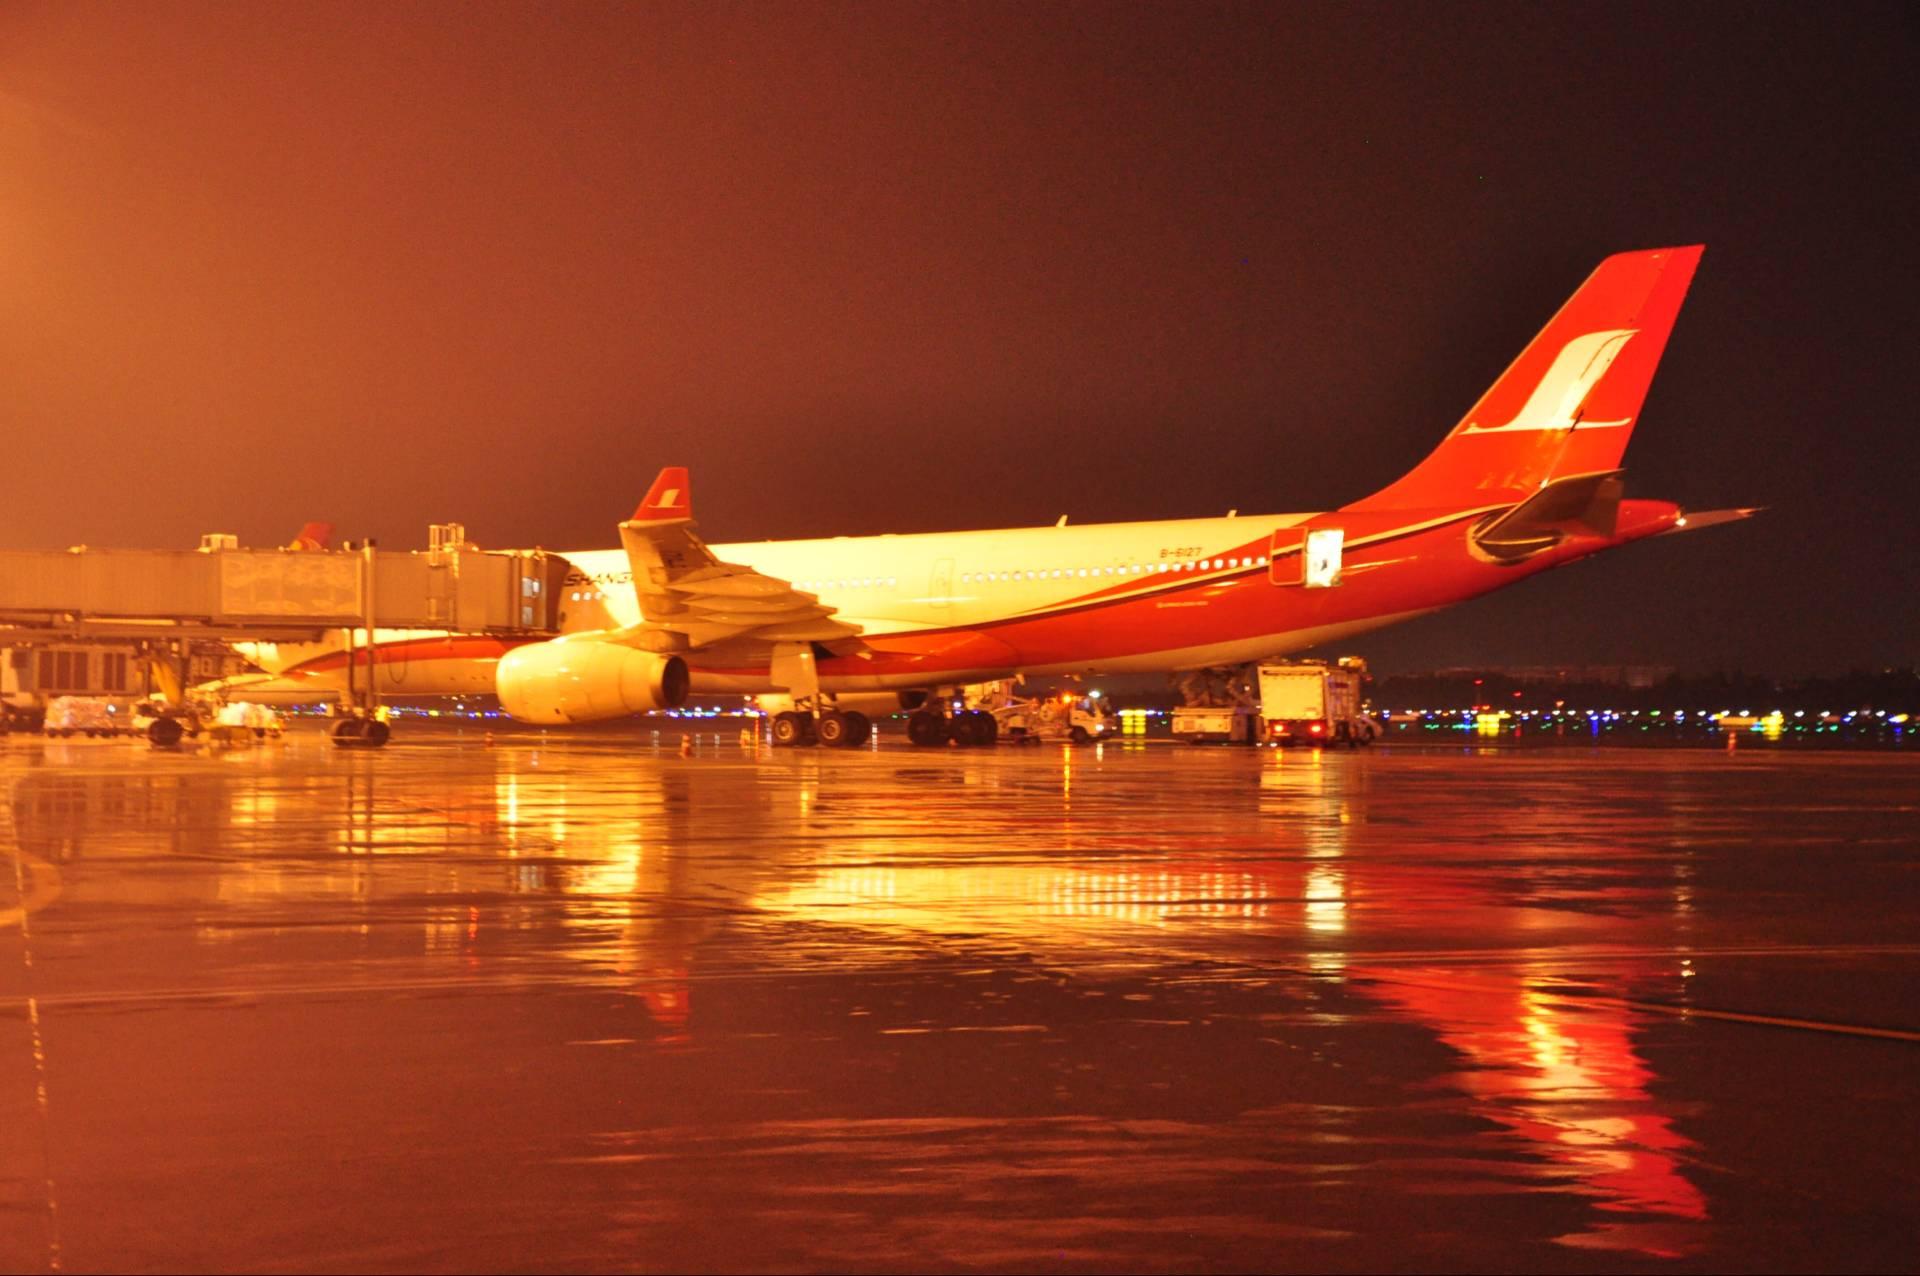 成都机场昨晚再次受到雷雨波及 影响今日航班飞行